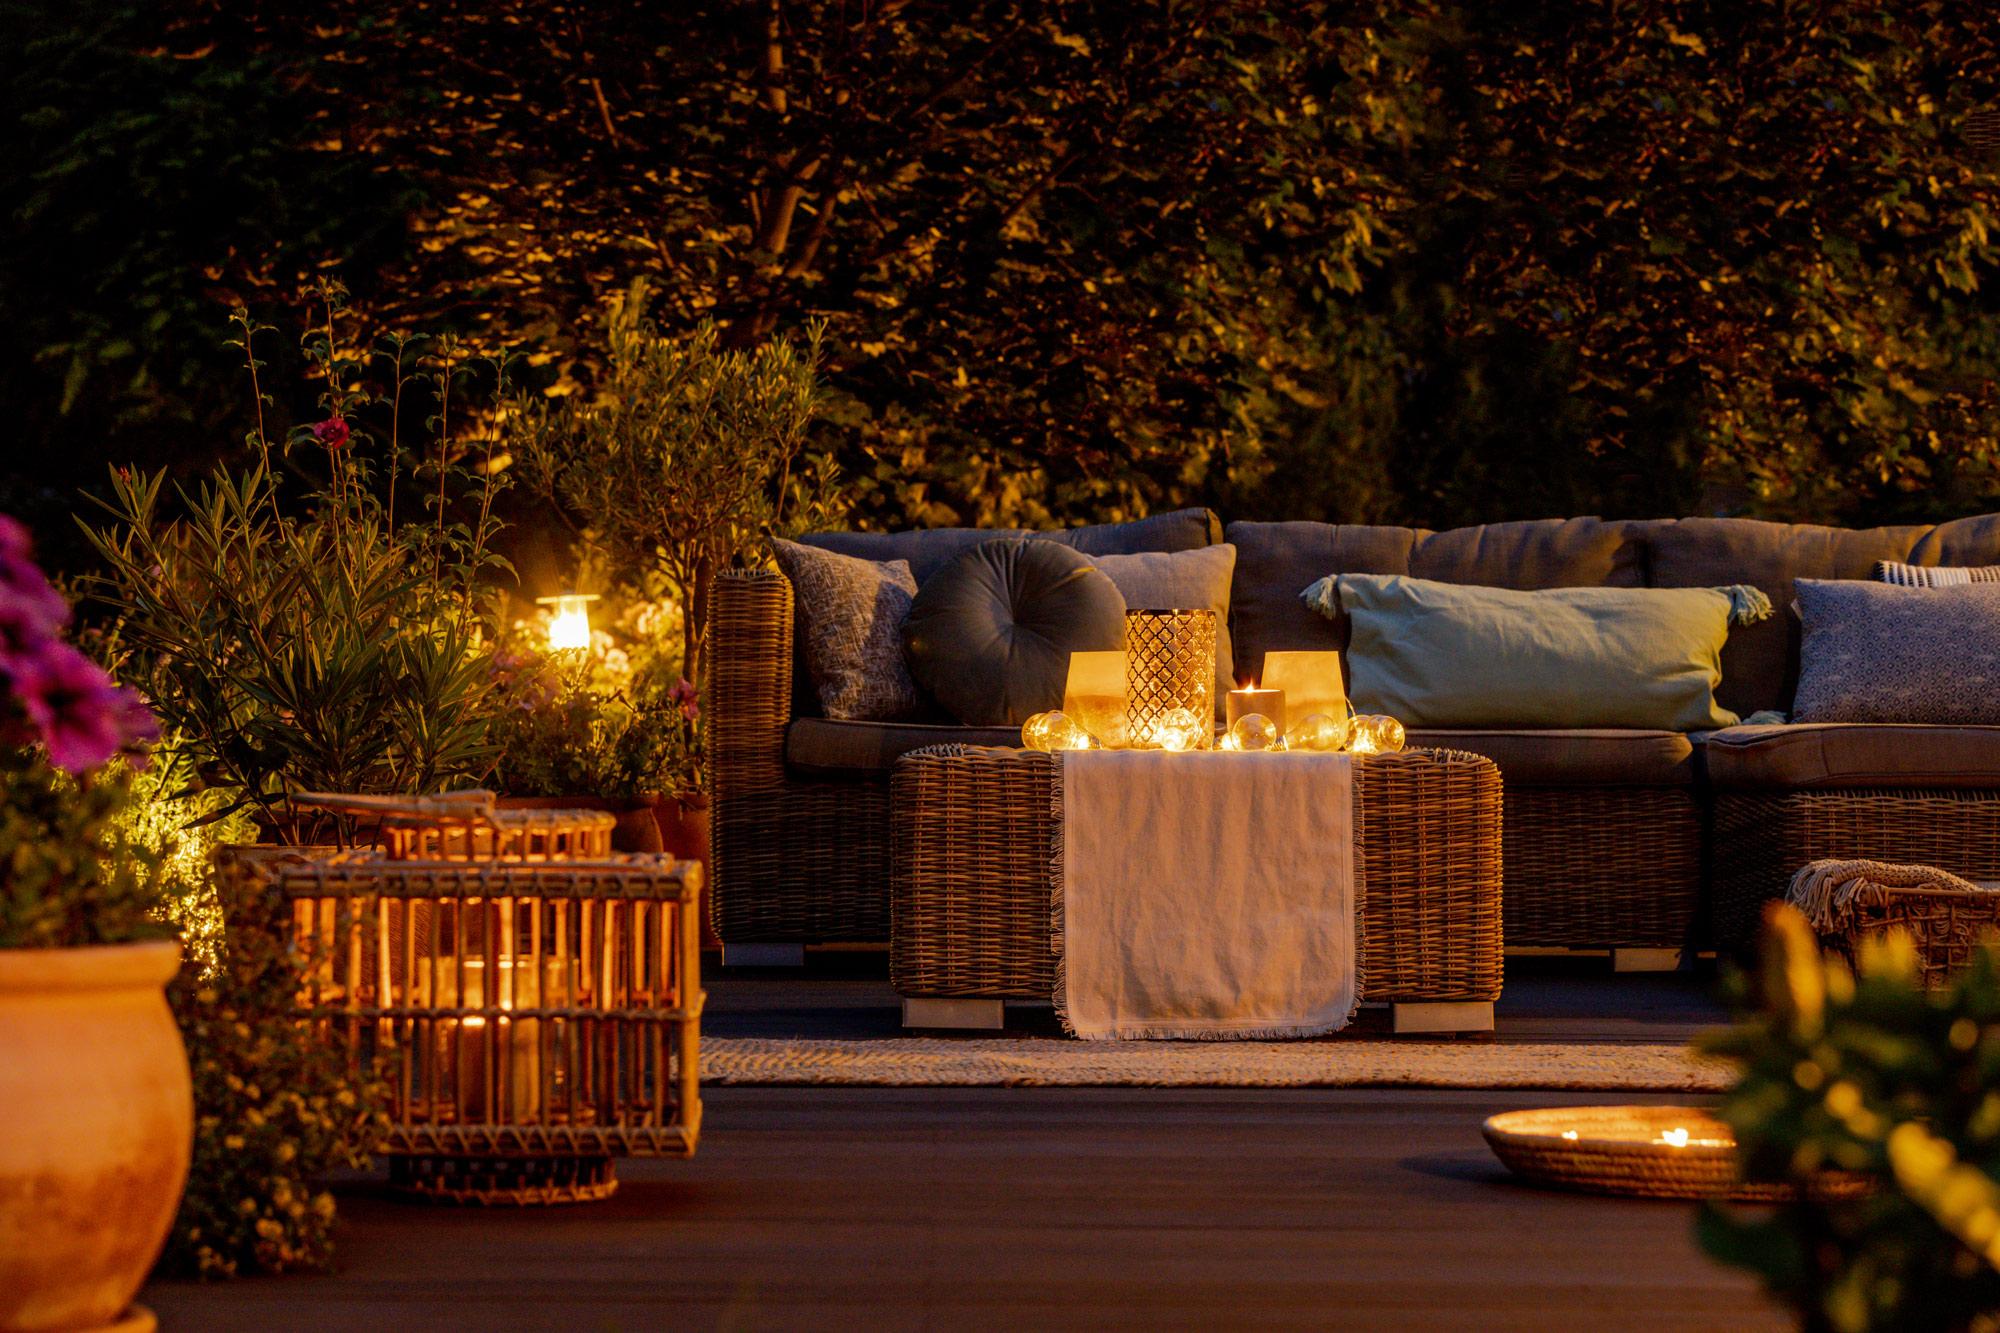 night patio